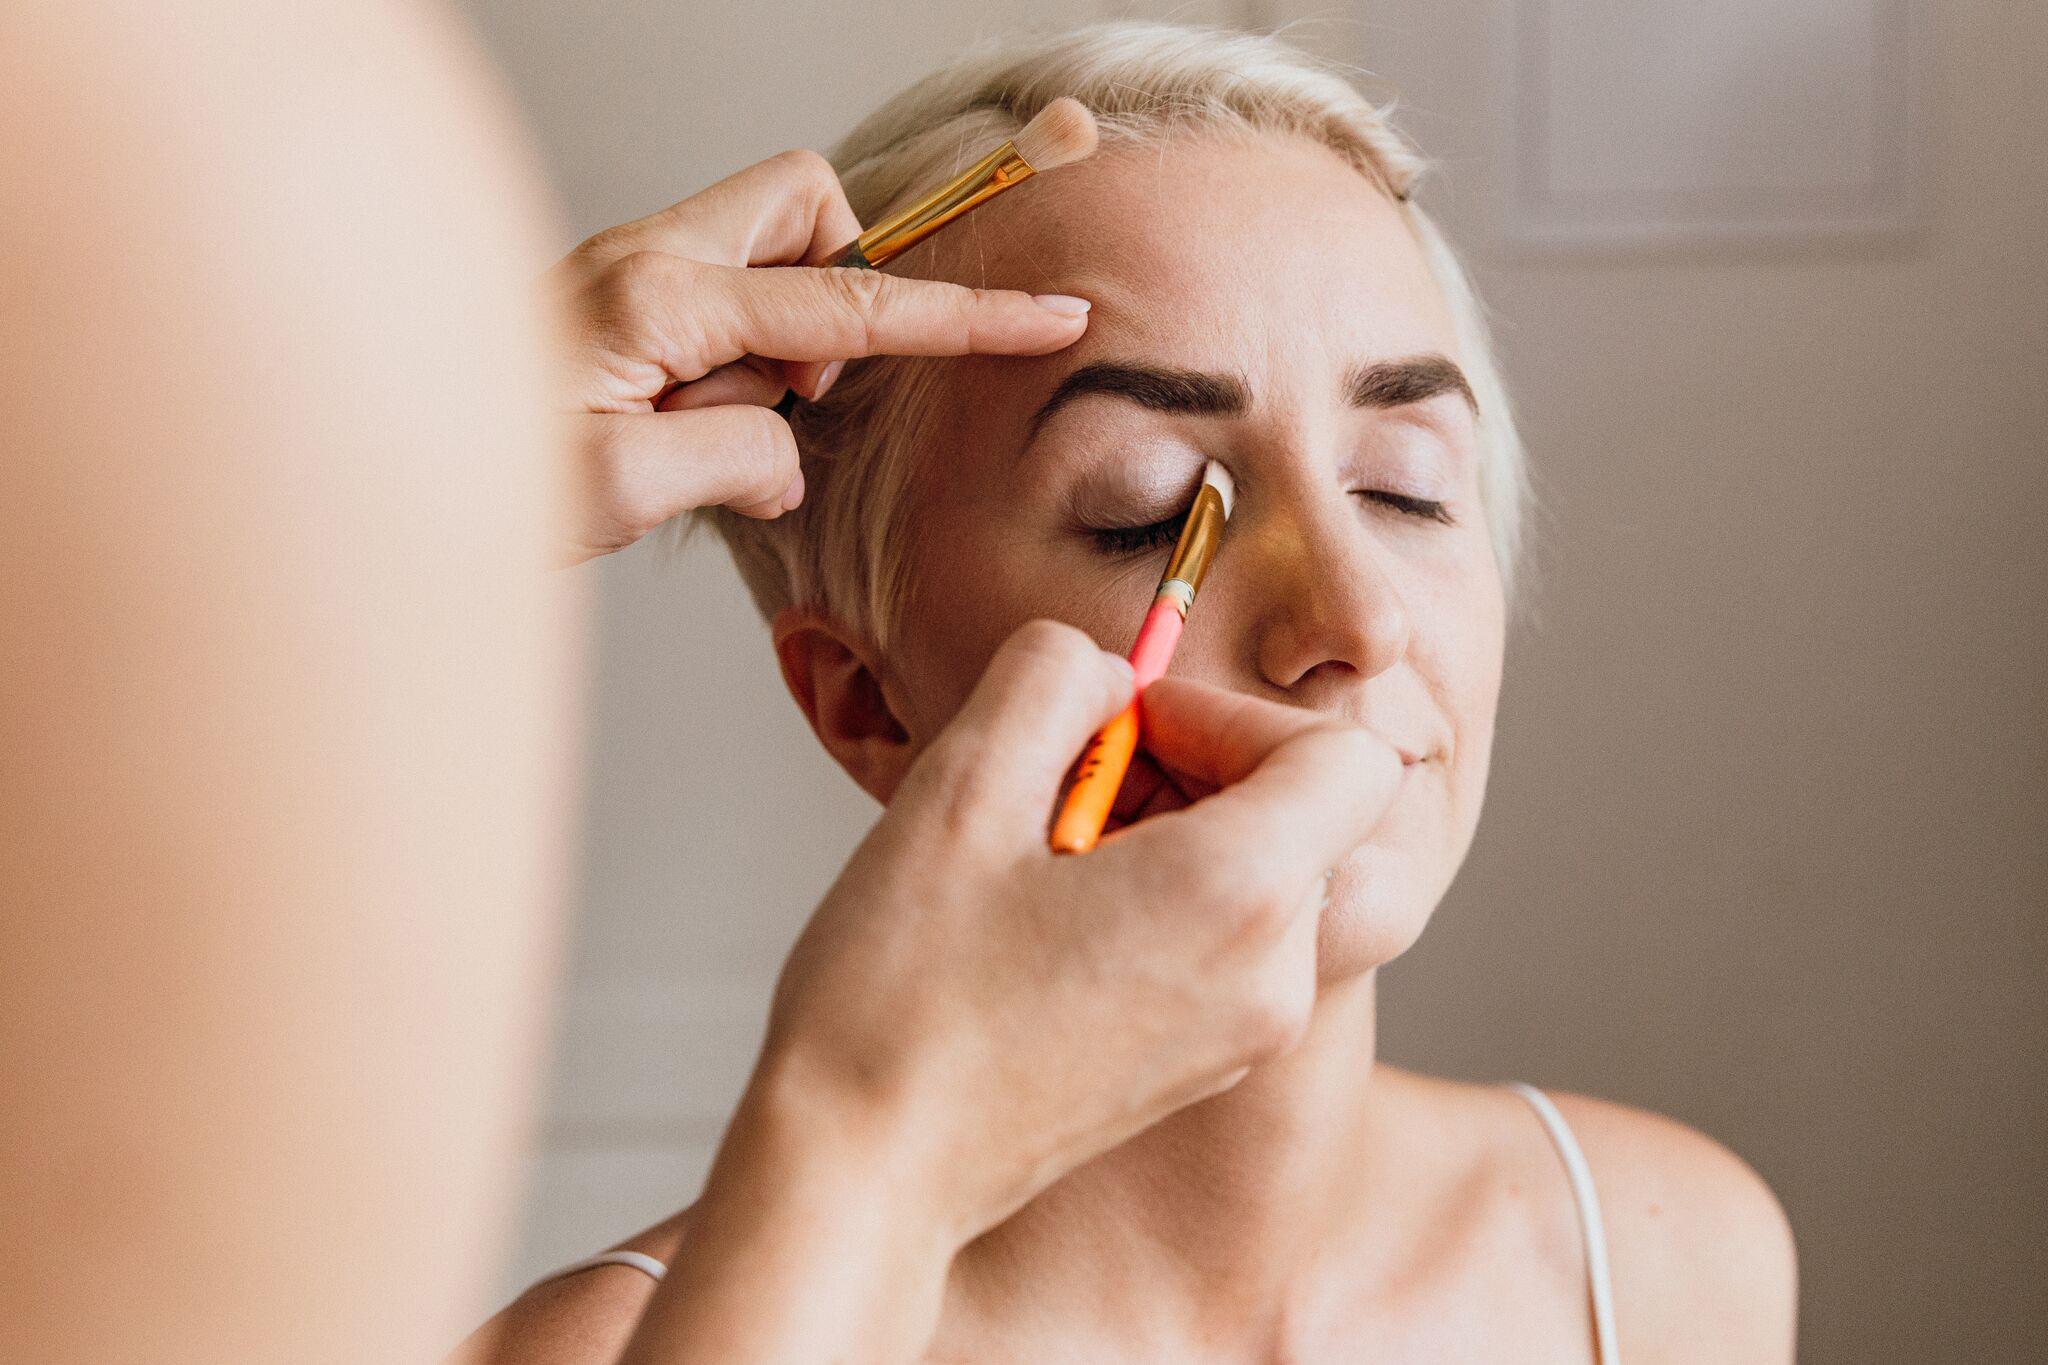 Hochzeits_Make-up.jpg